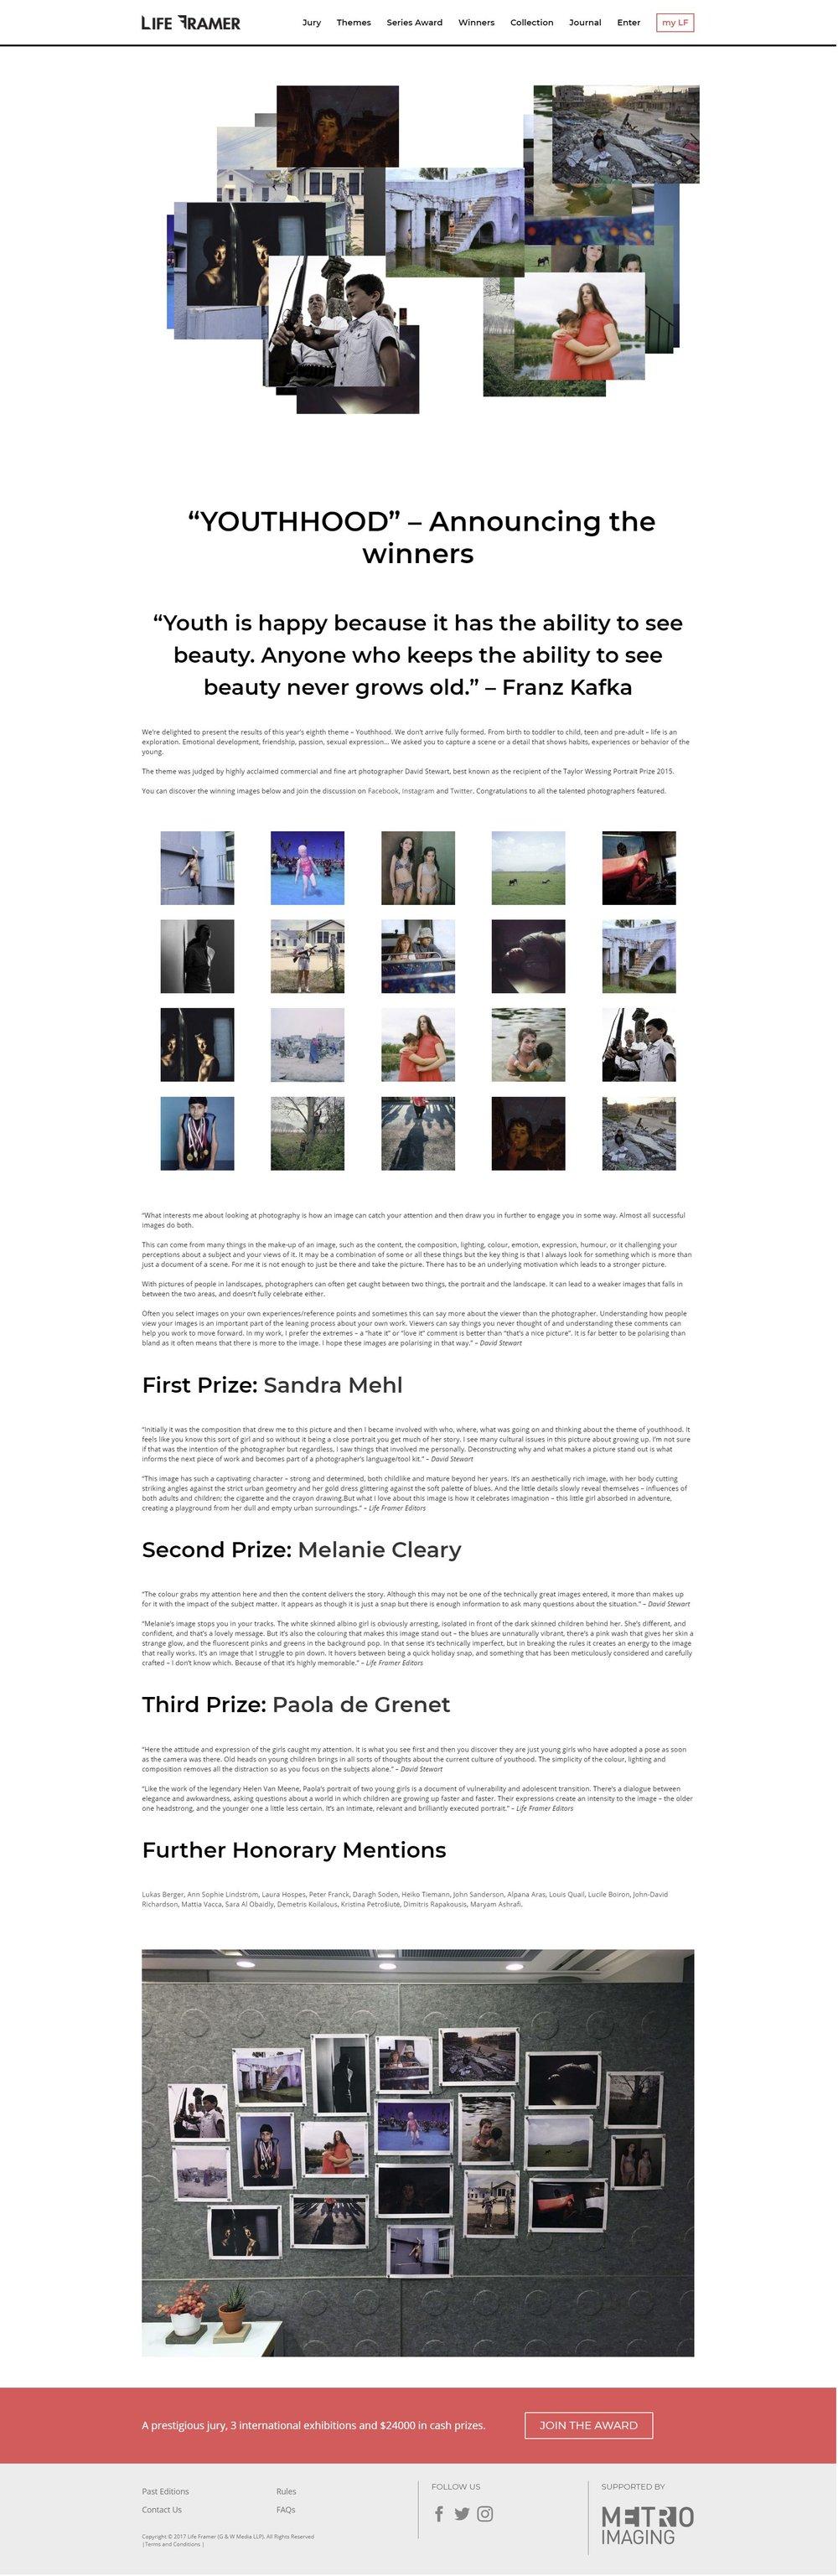 """11-15-2016_Life Framer """"Youth hood"""" Honorary Mention.jpg"""